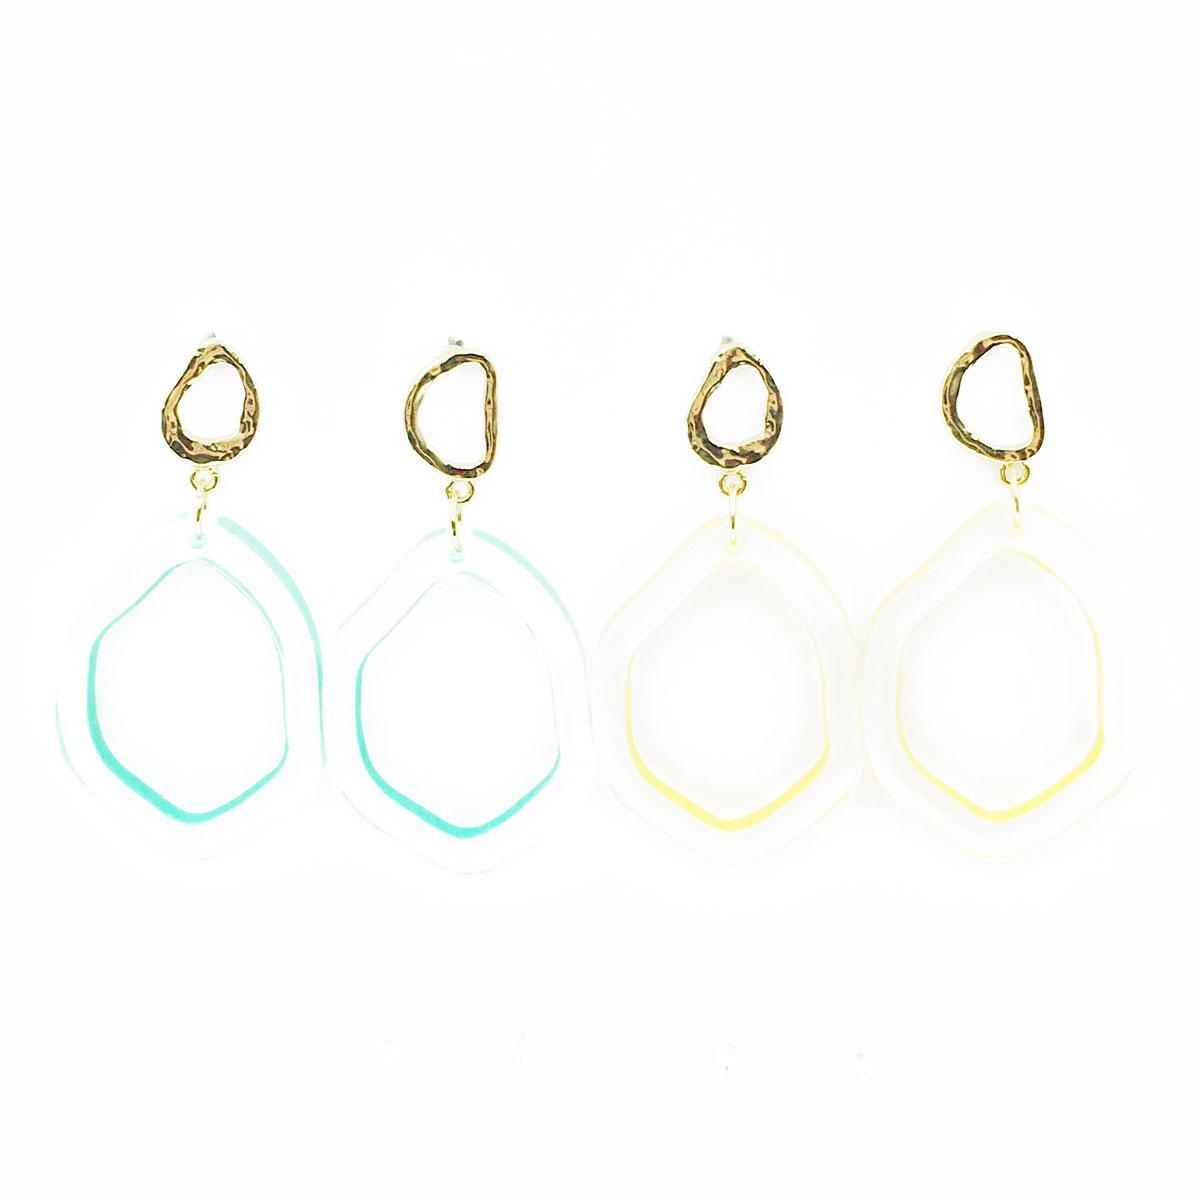 韓國 簡約 可愛 金邊 透明 兩色 垂墜感 耳環